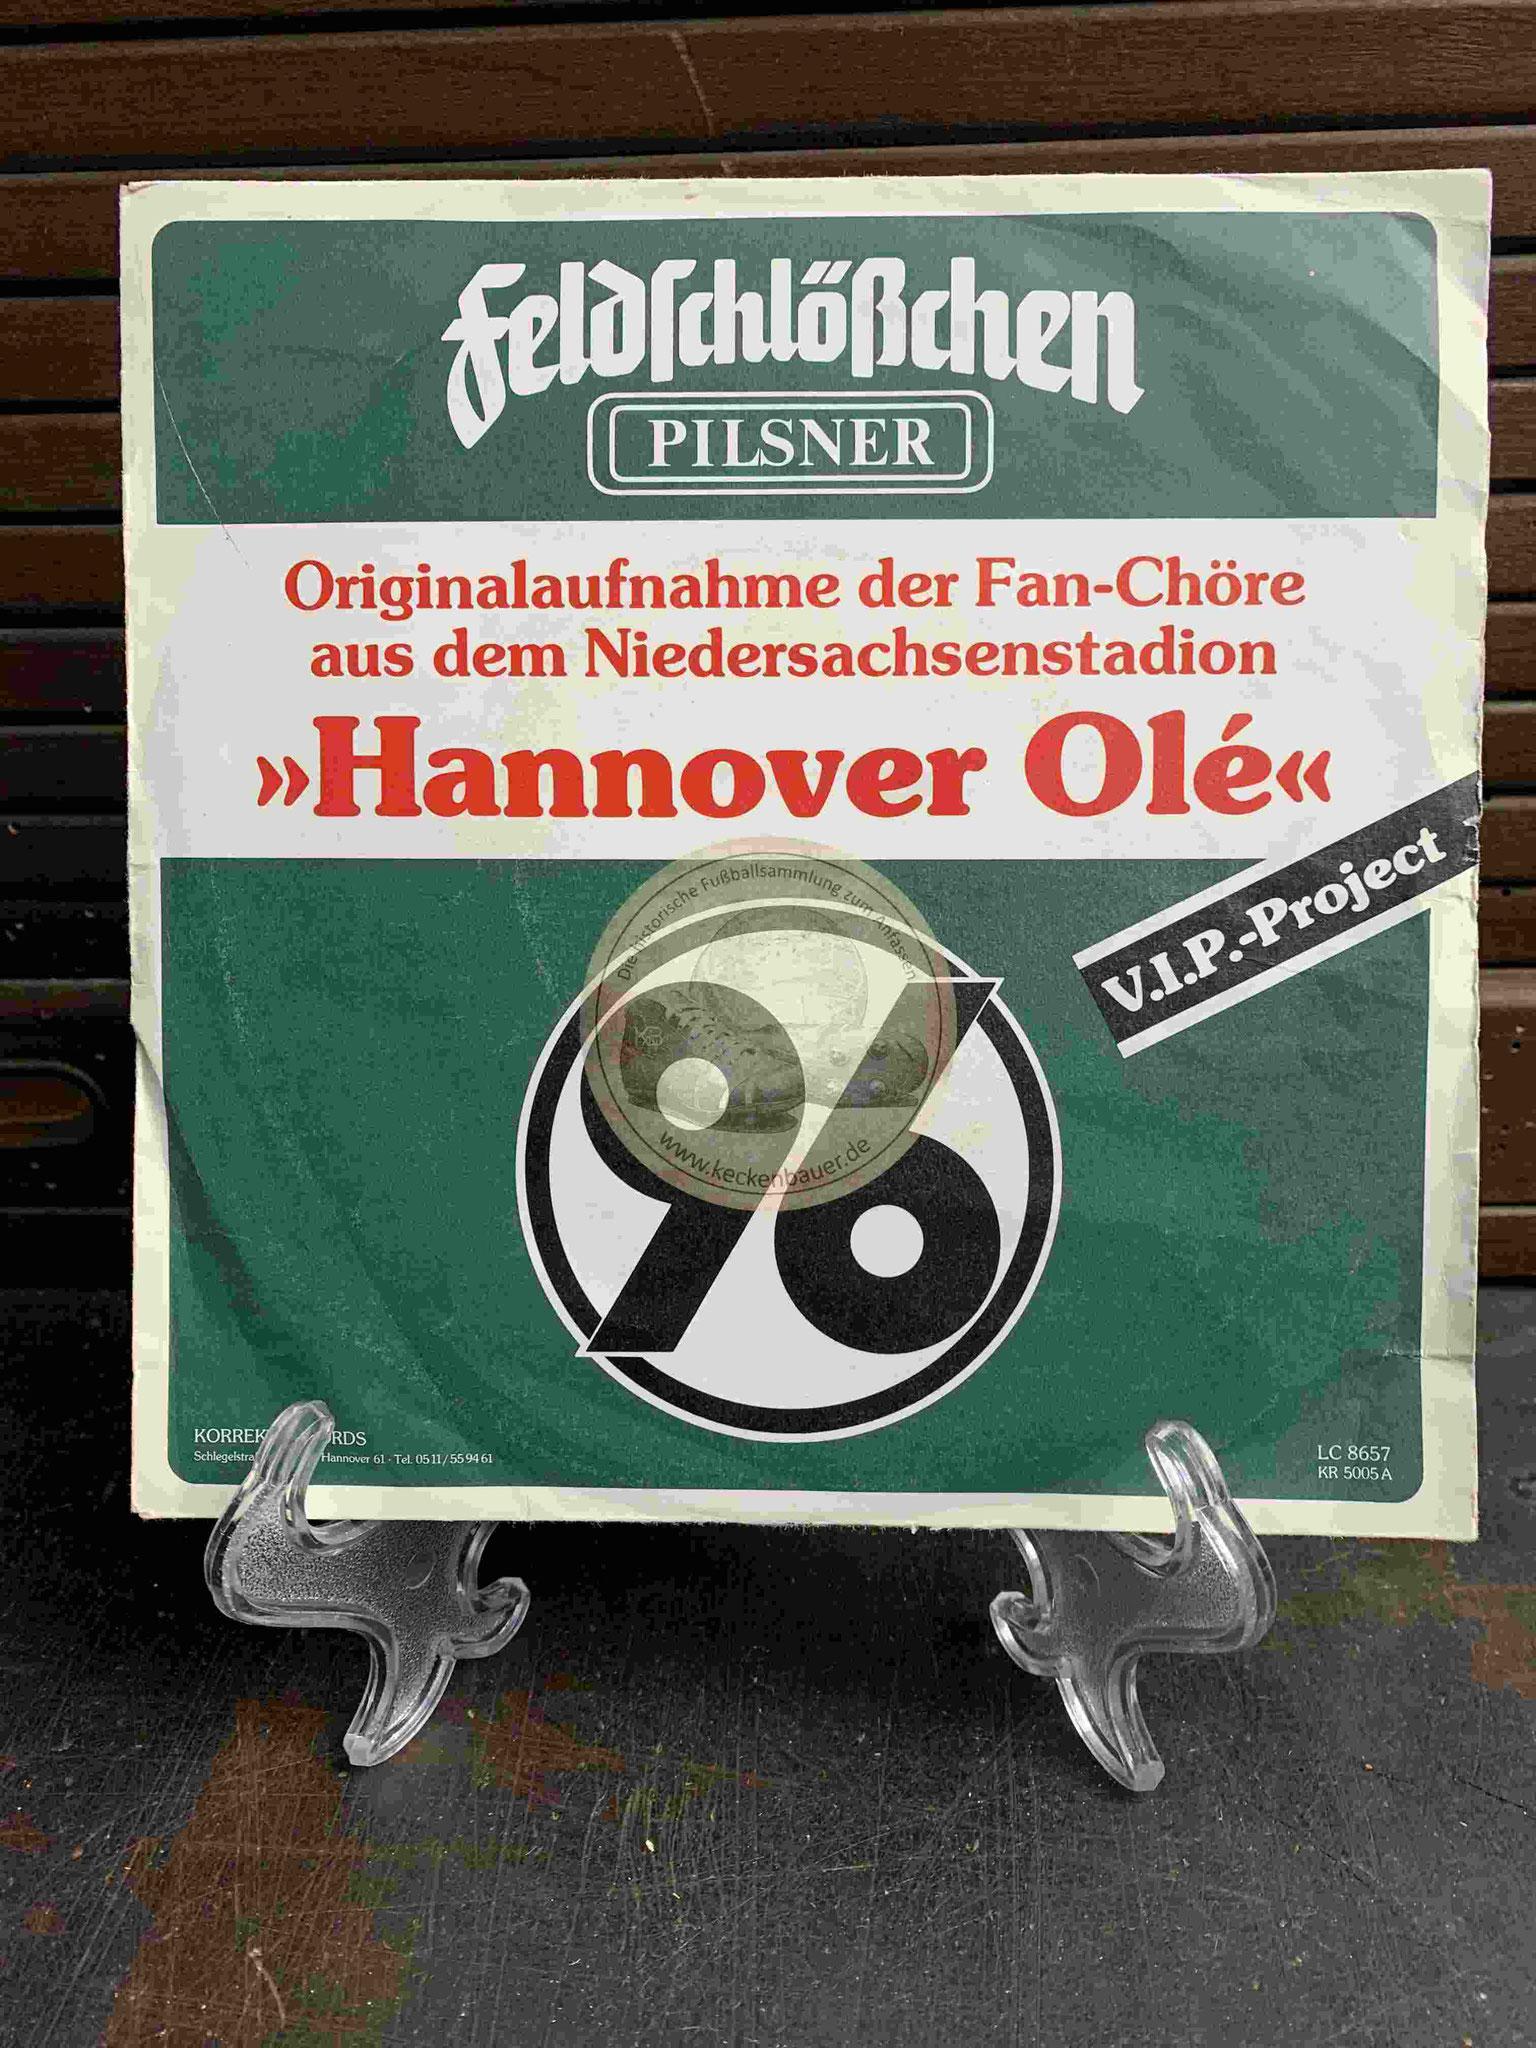 1987 Originalaufnahme der Fan-höre aus dem Niedersachsenstadion Hannover Olé